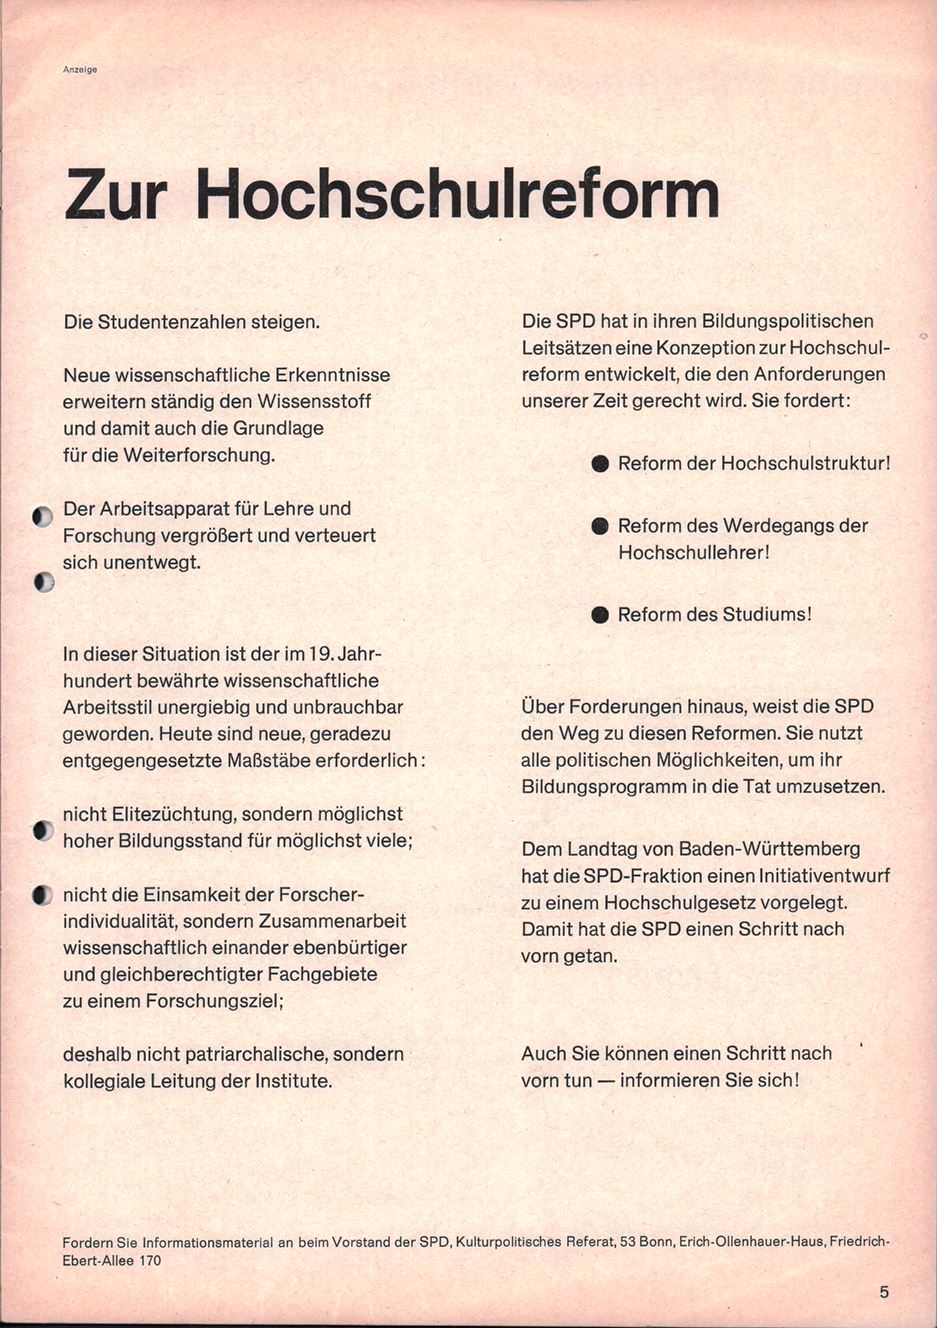 Tuebingen_Notizen071